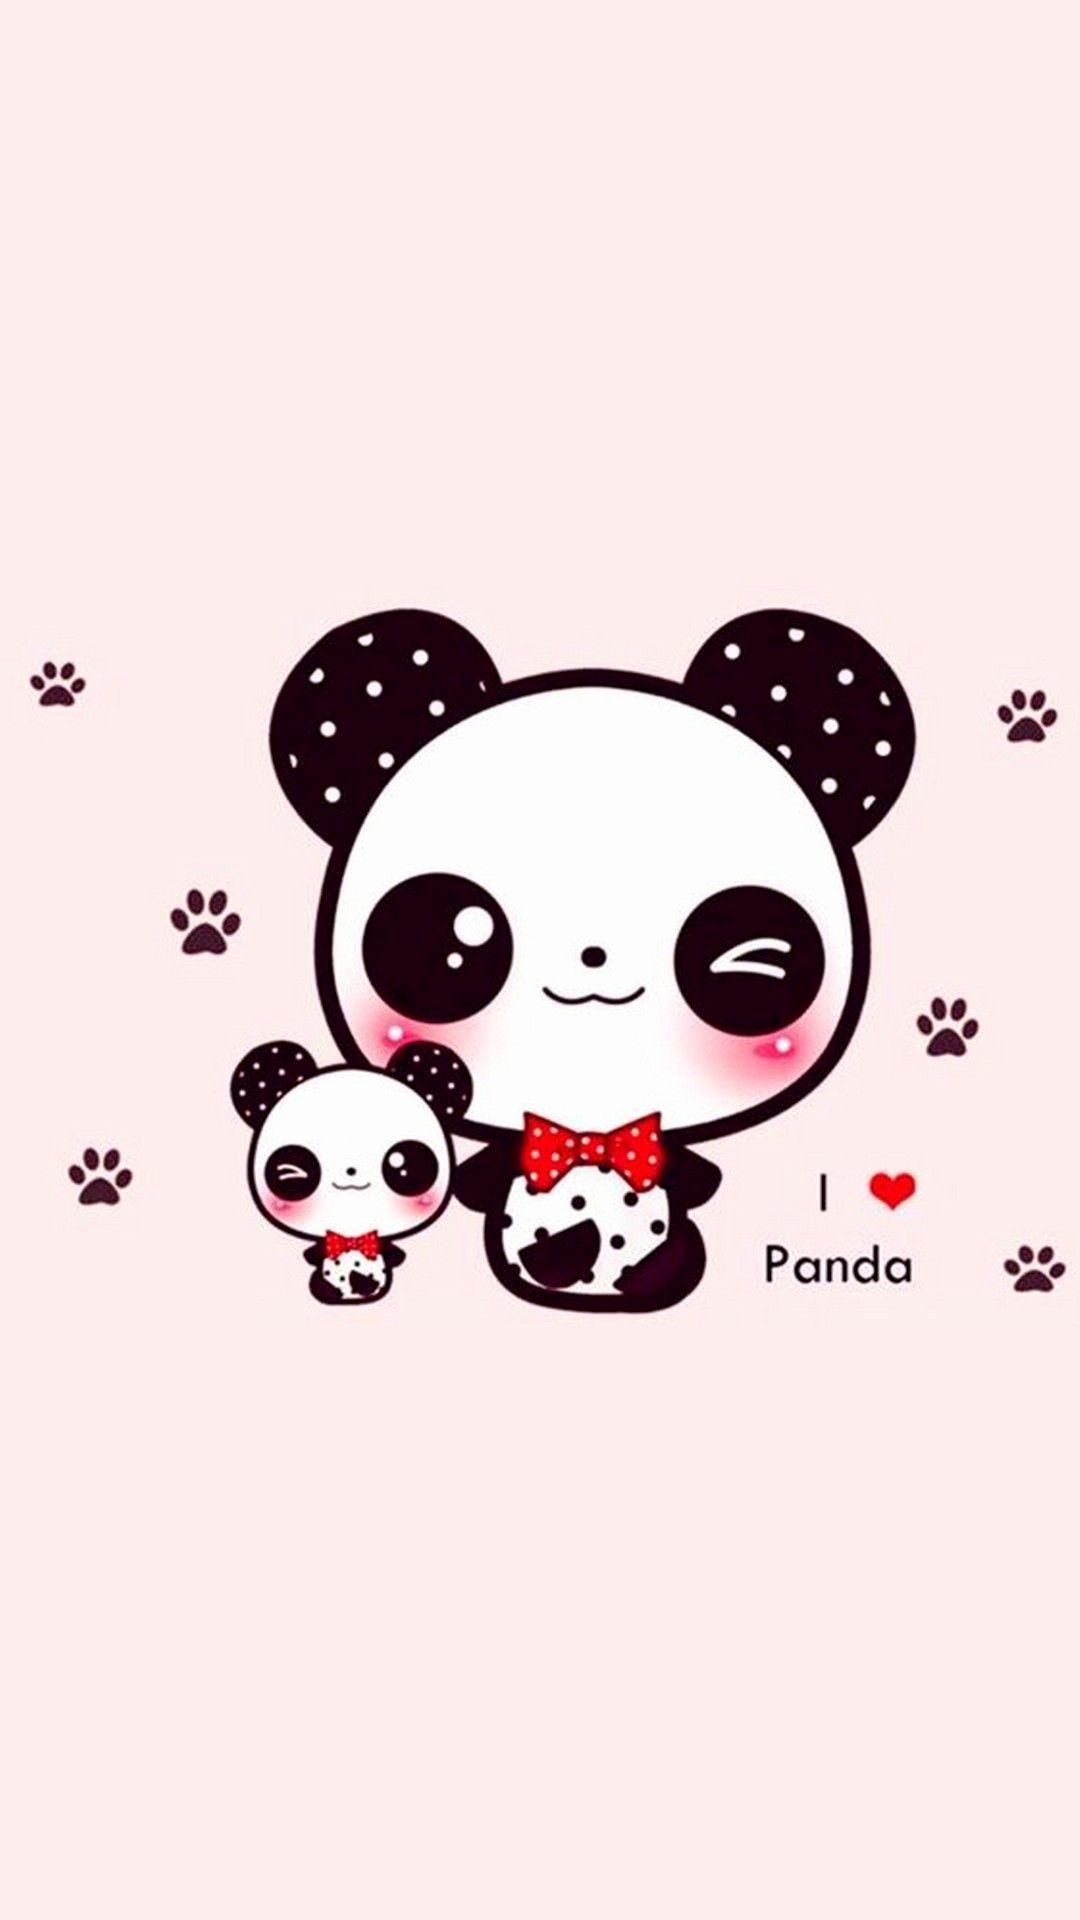 Cute Panda Wallpapers Top Free Cute Panda Backgrounds Wallpaperaccess